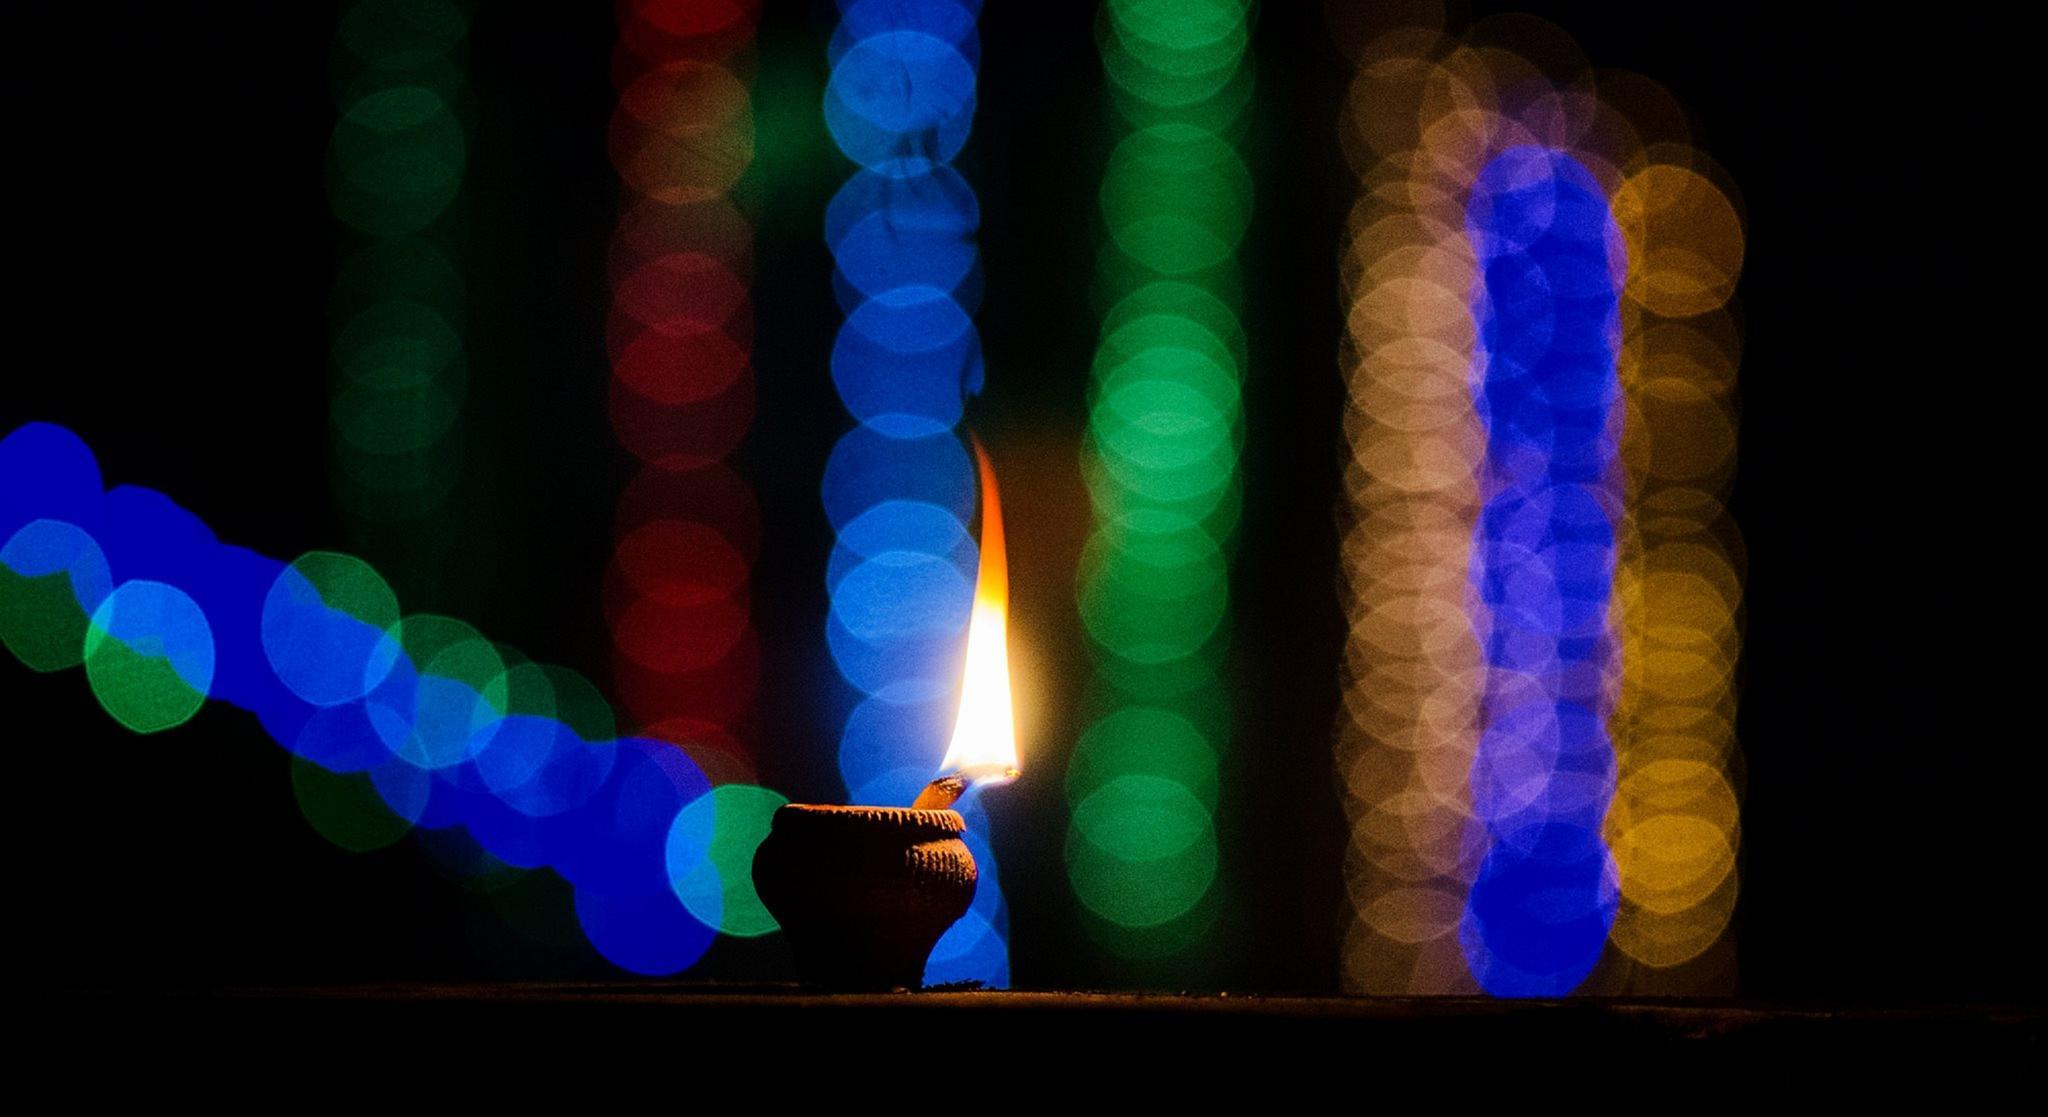 Happy Diwali  by Anirban Chaklader Frames